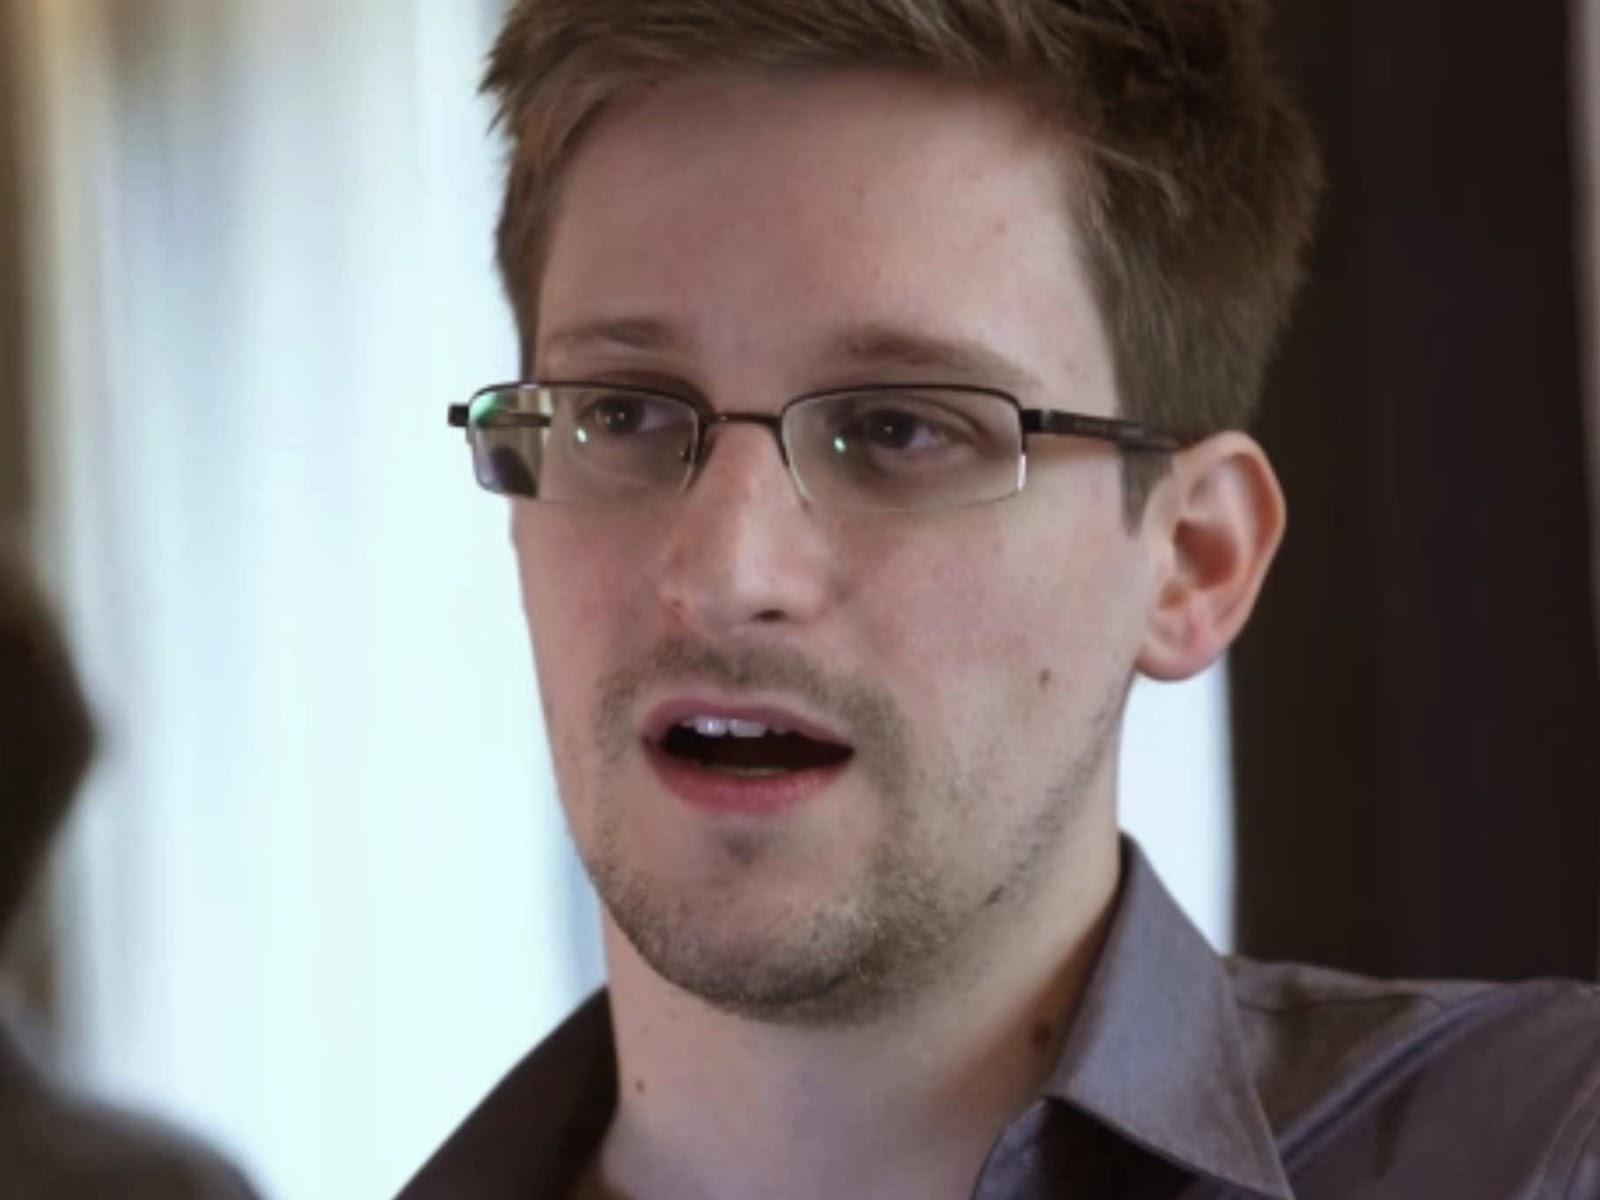 АНБ США устанавливает бэкдоры в машрутизаторы Cisco удалённо